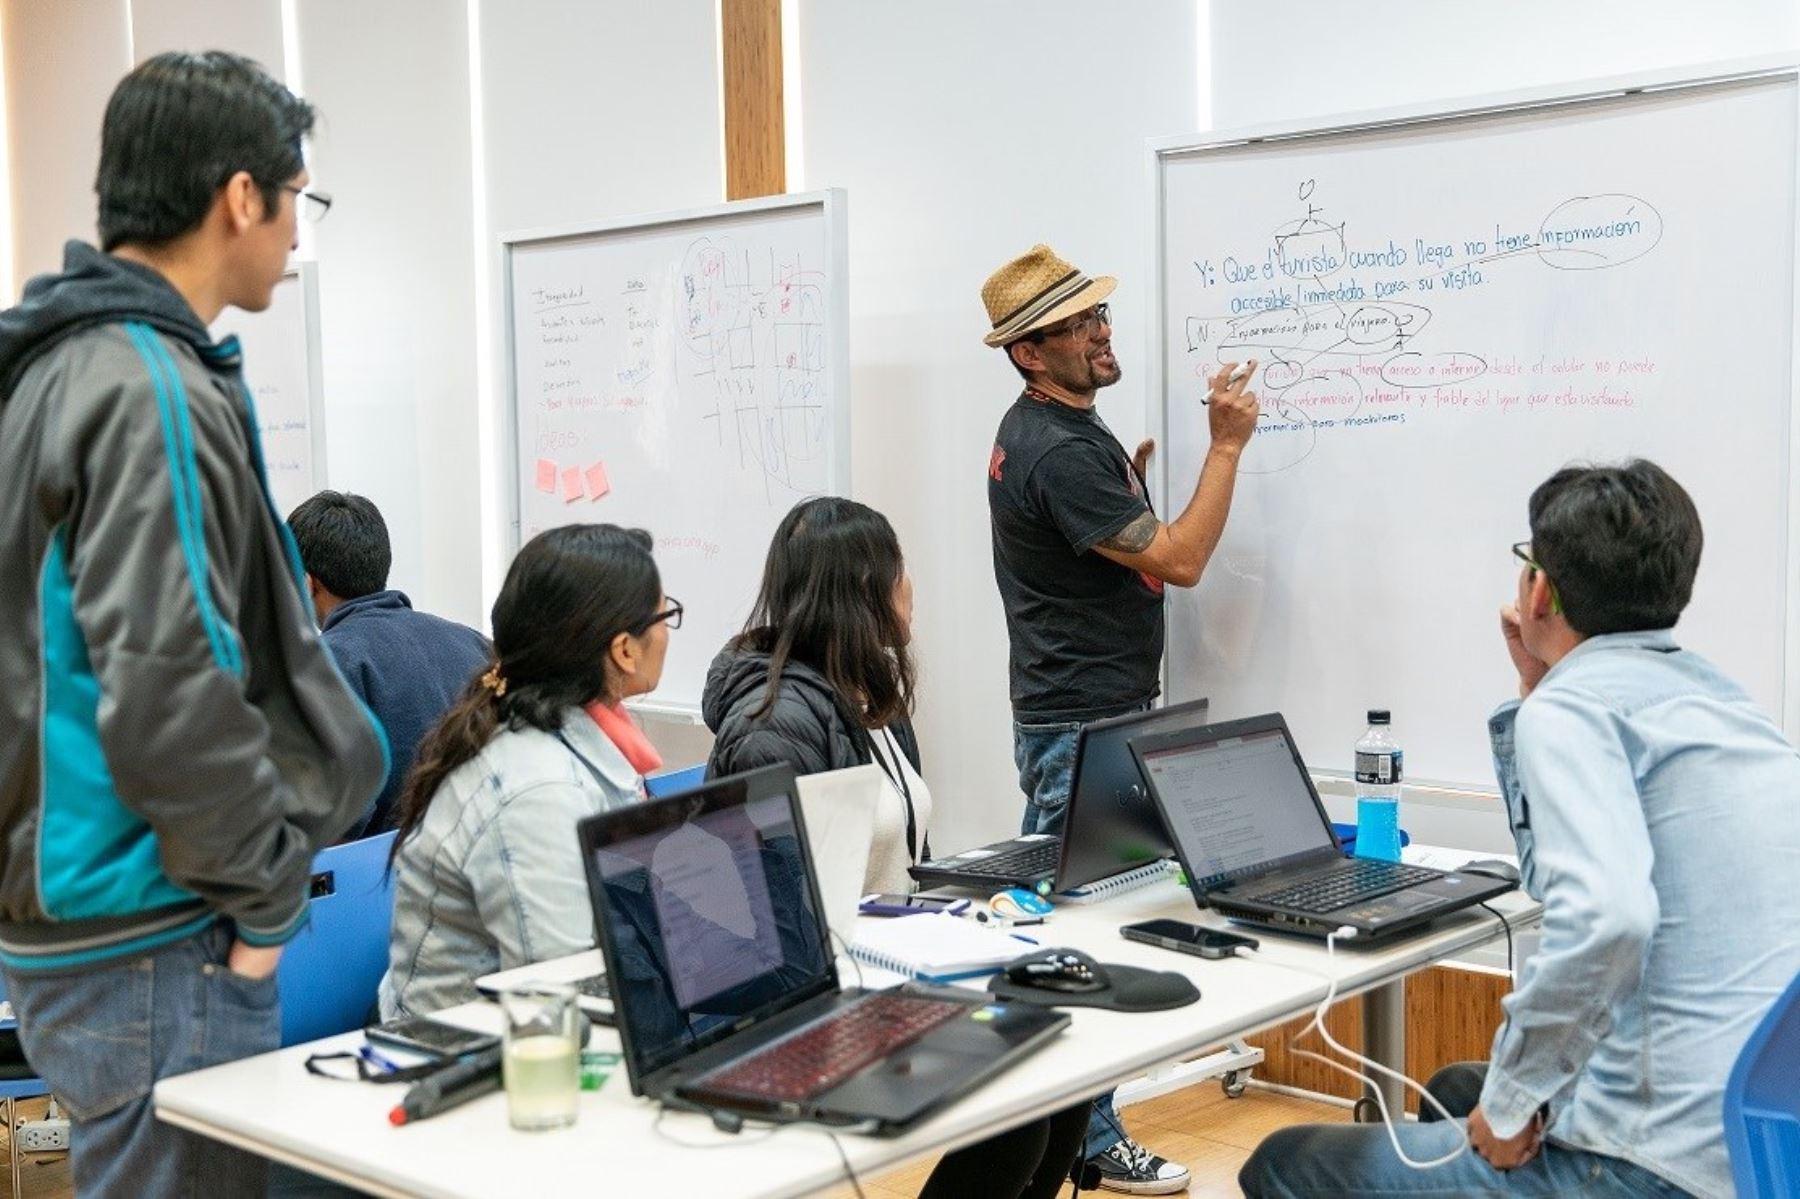 Innovadores presentarán sus propuestas en primera hackatón de turismo que organiza Promperú. ANDINA/Difusión.